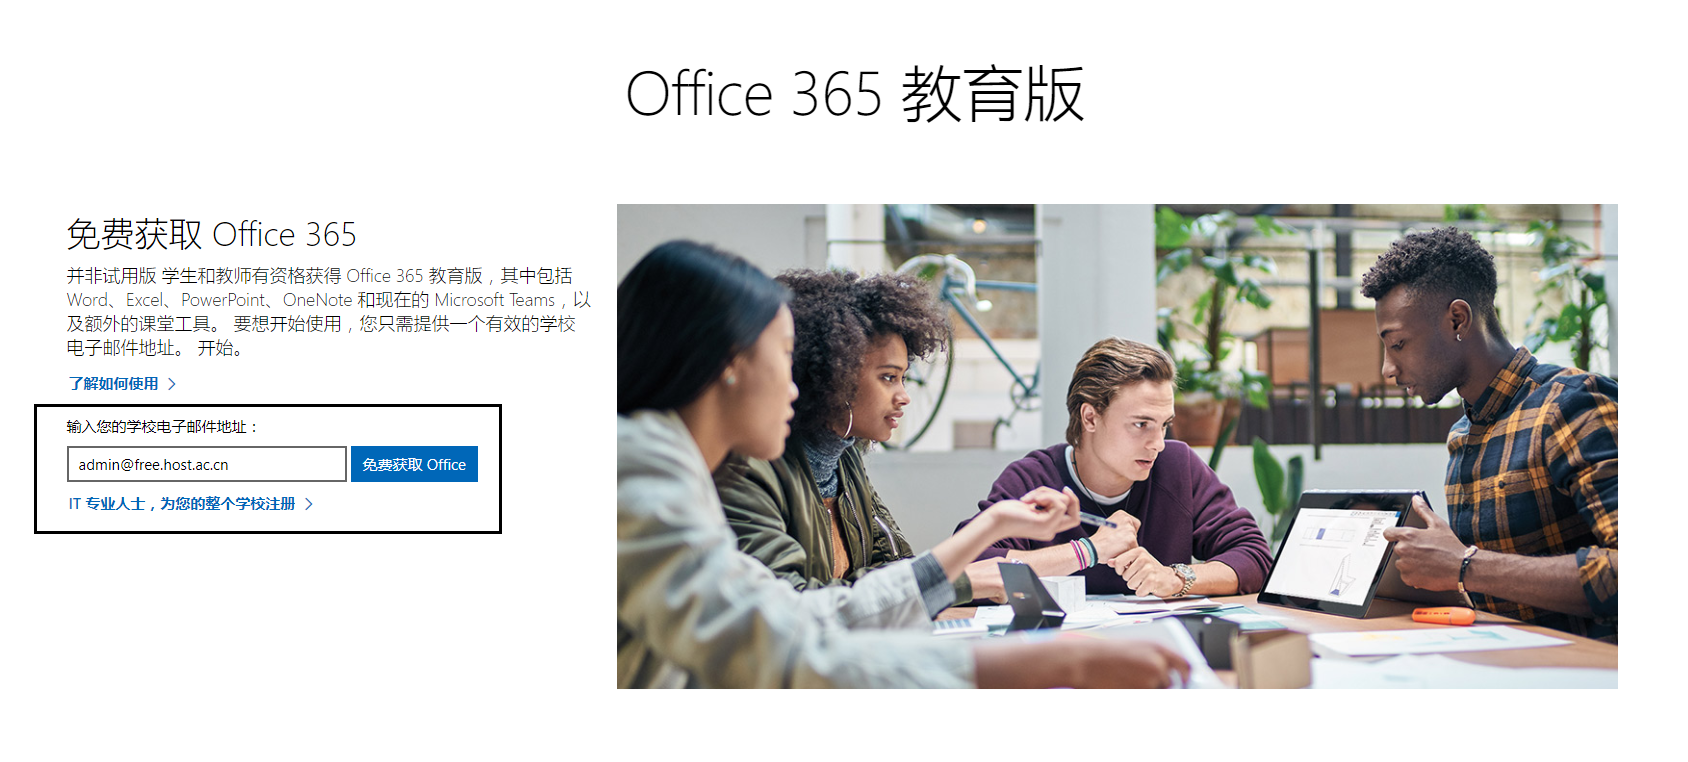 免费发放 Office 365 A1 帐号